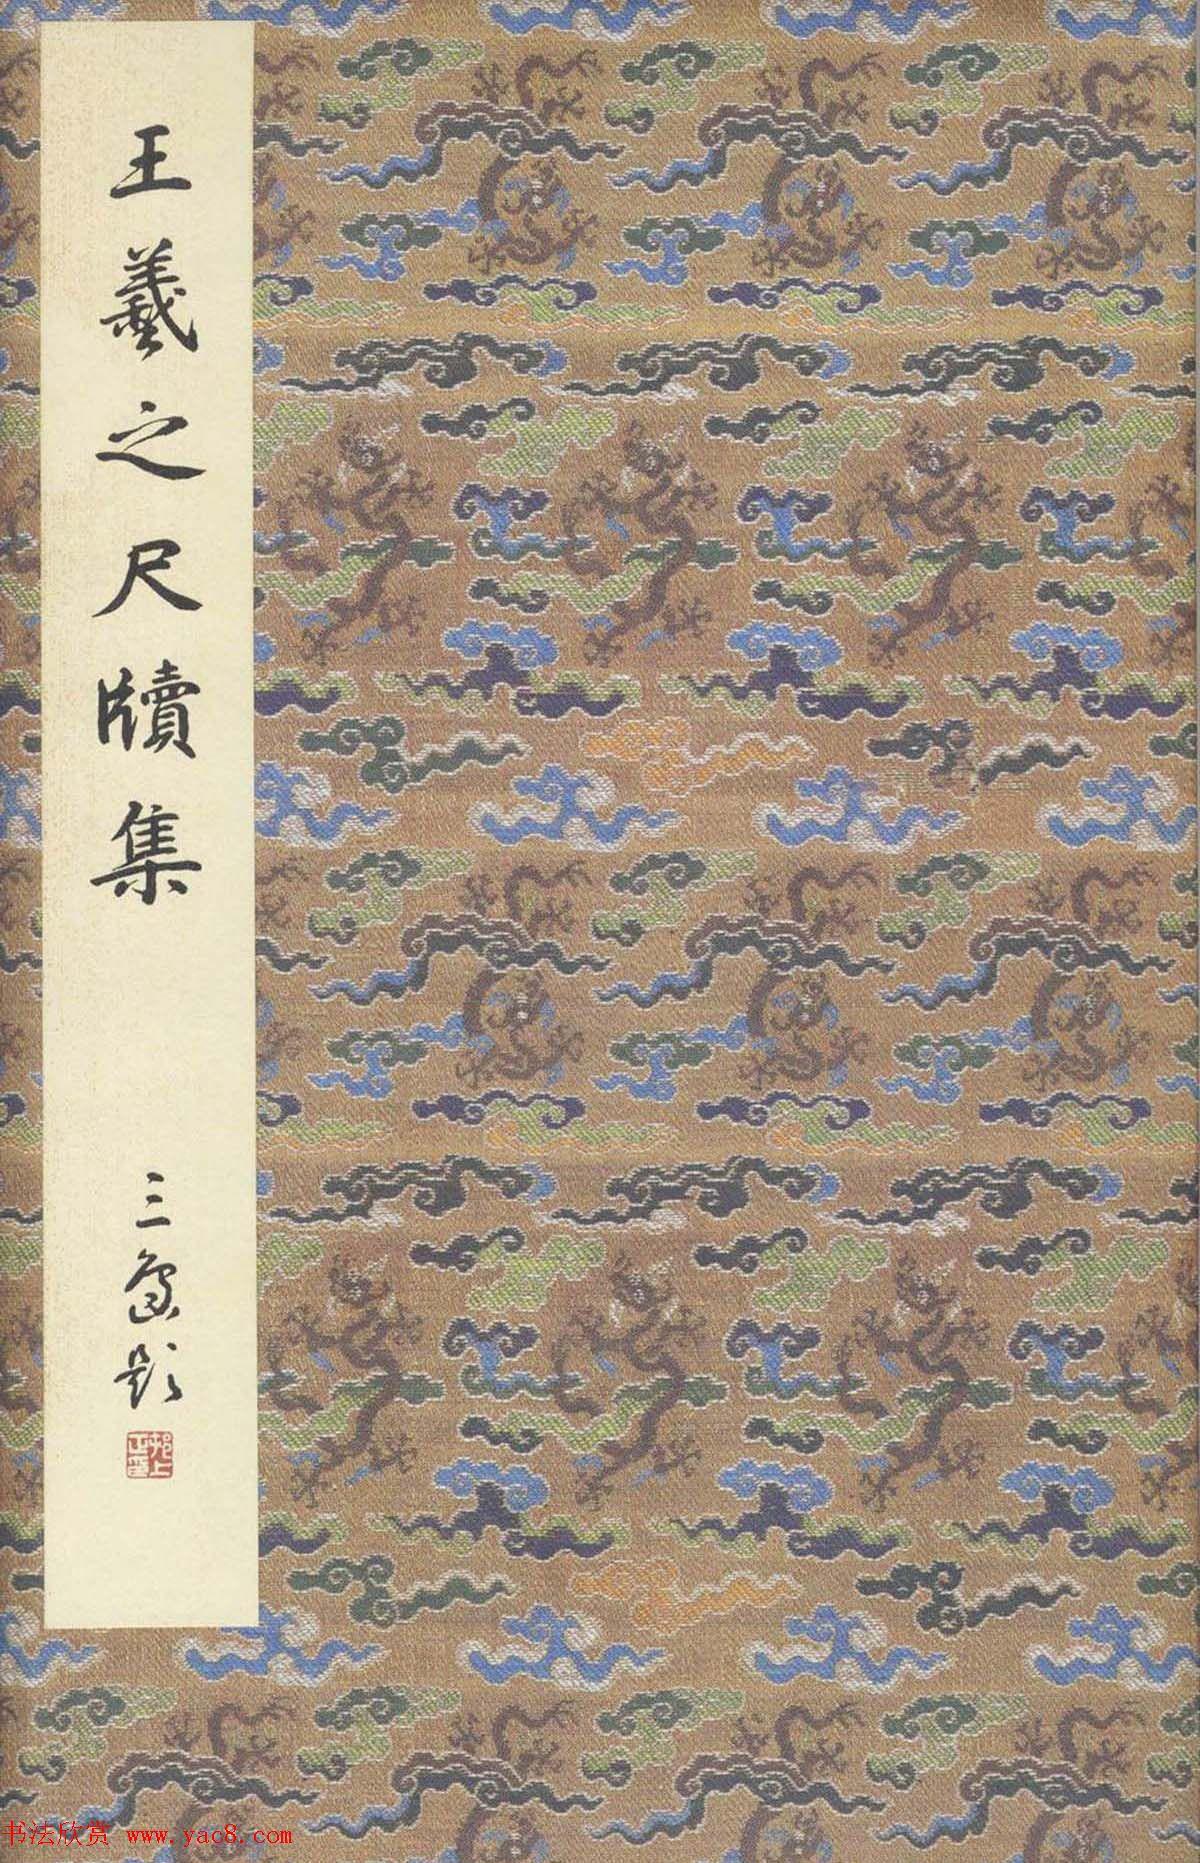 书圣行草墨迹欣赏《王羲之尺牍集》原色法帖